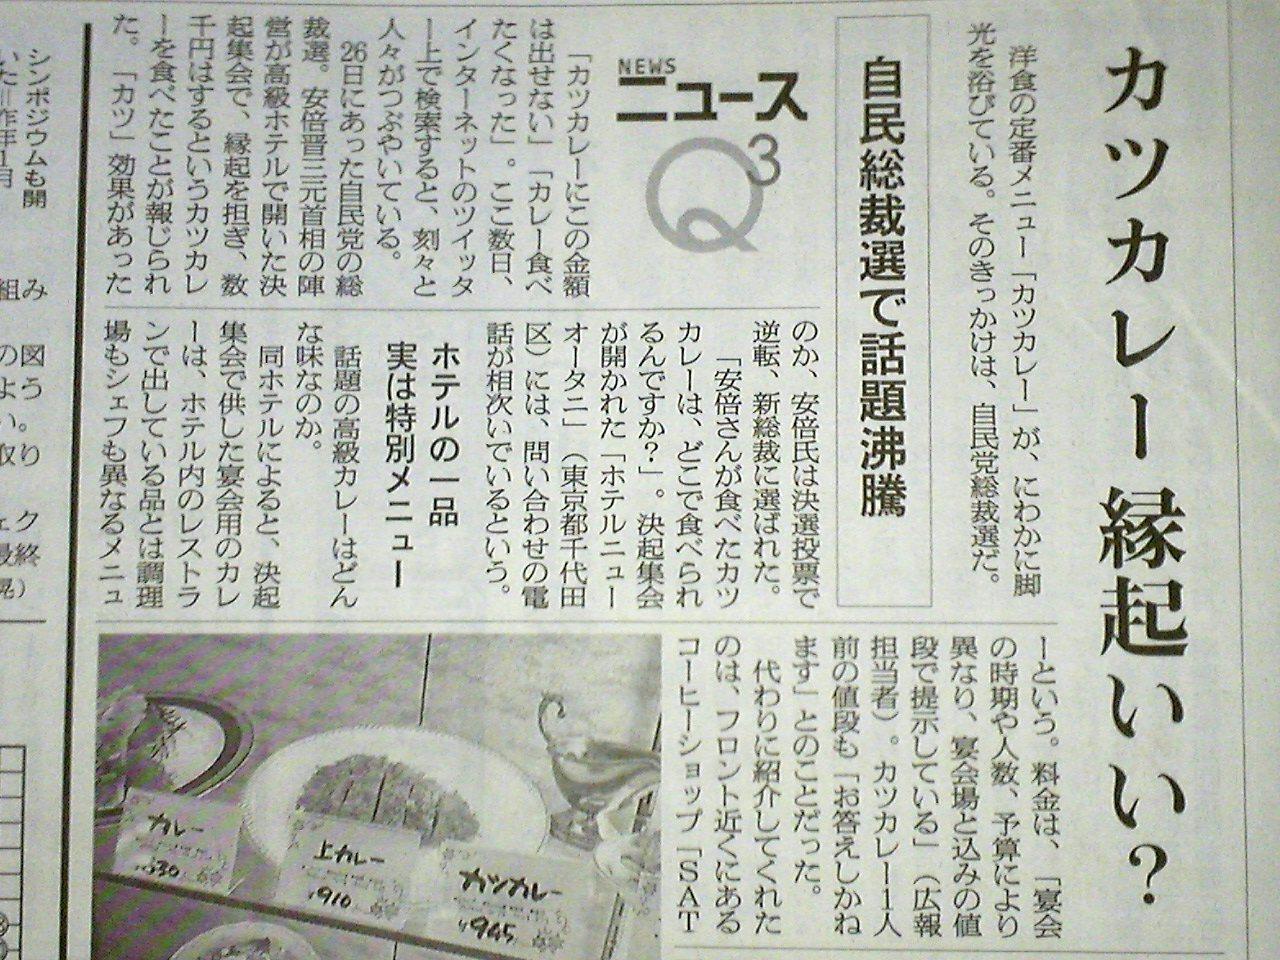 カツカレーは普段3500円では無かった